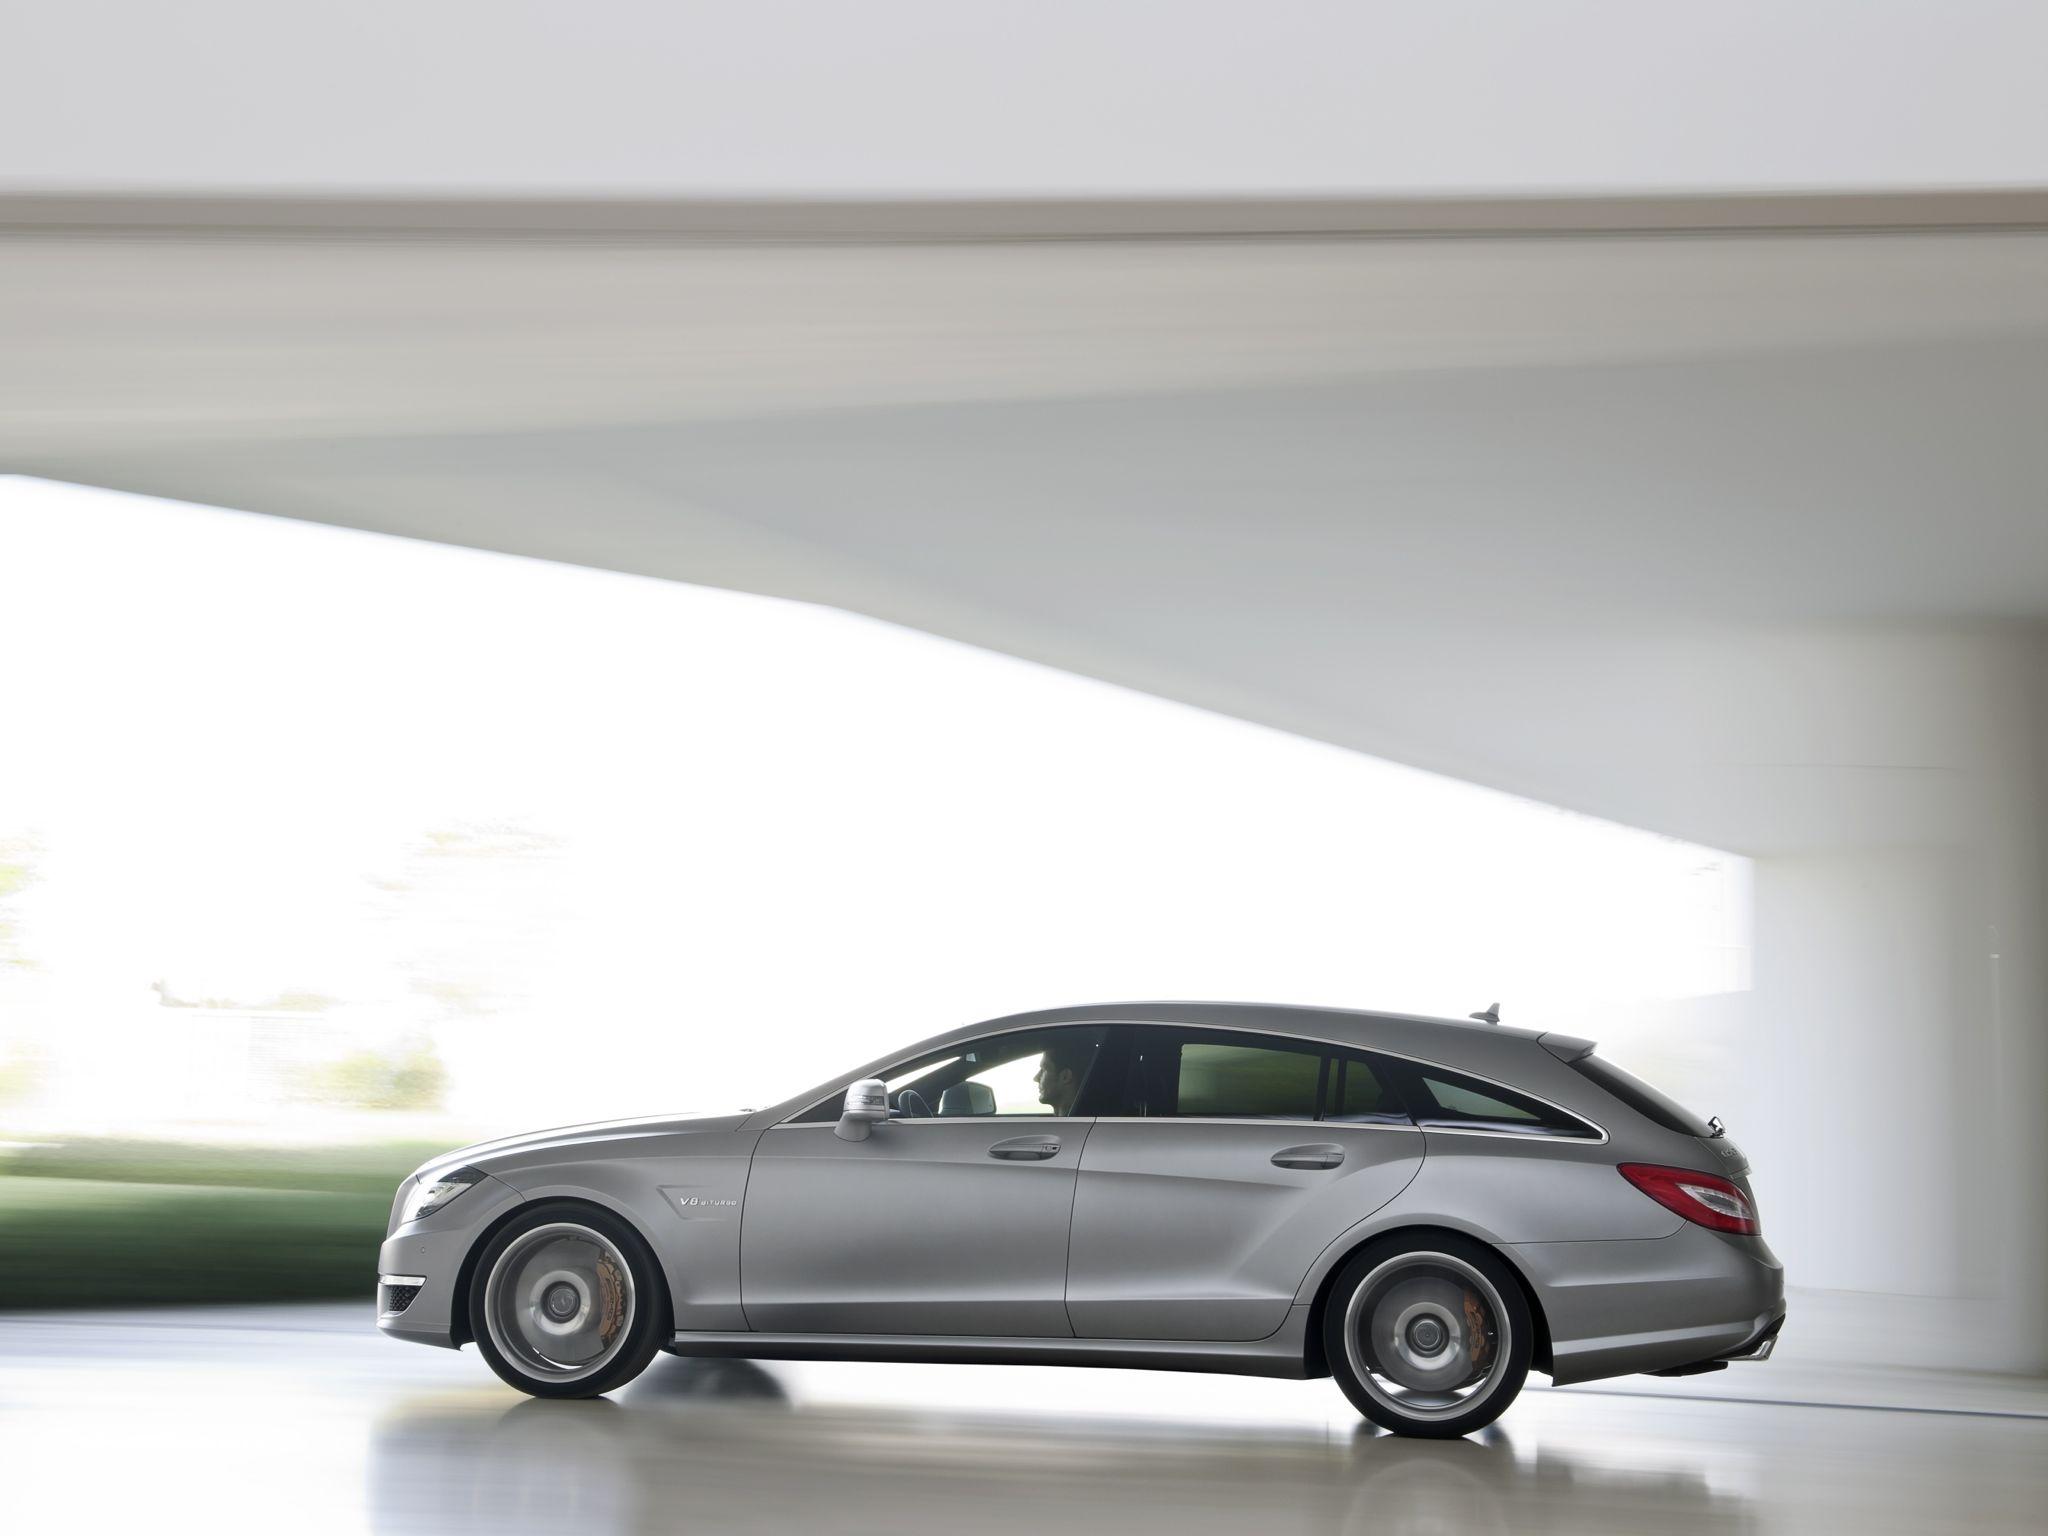 mercedes cls shooting brake mj2013 img 43 - Mercedes-Benz CLS Shooting Brake (2013)